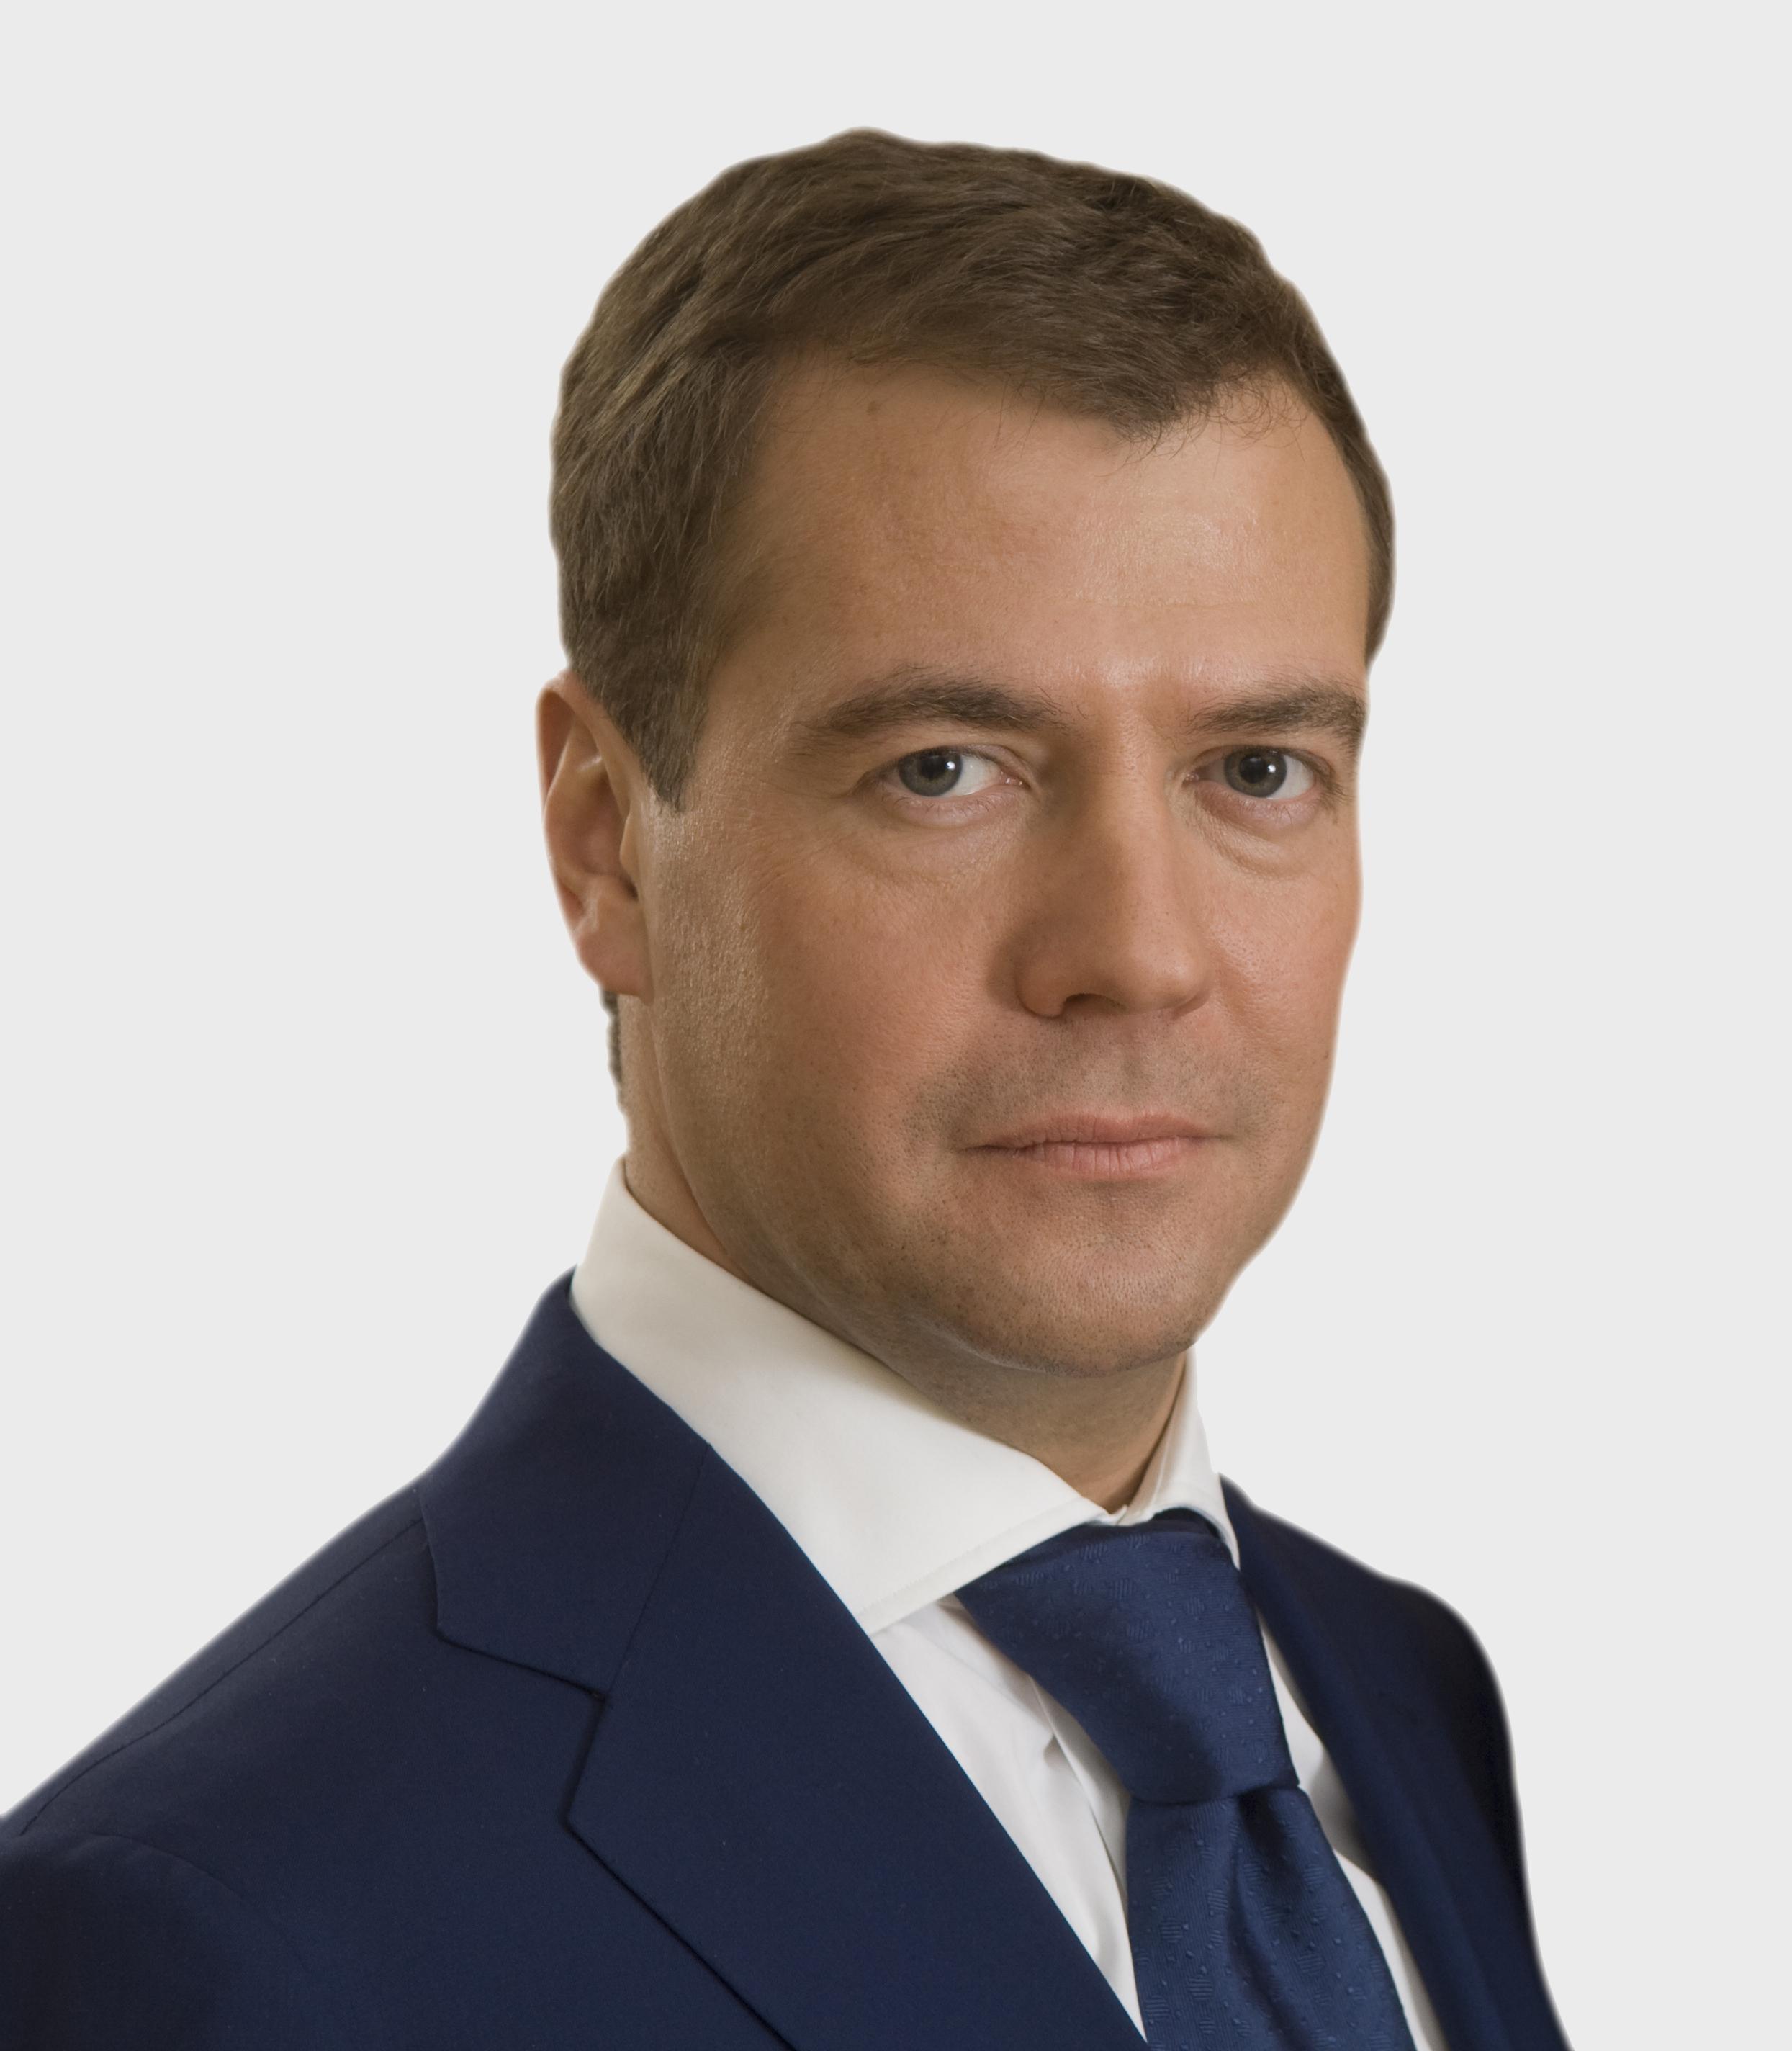 Dmitriy Medvedev net worth